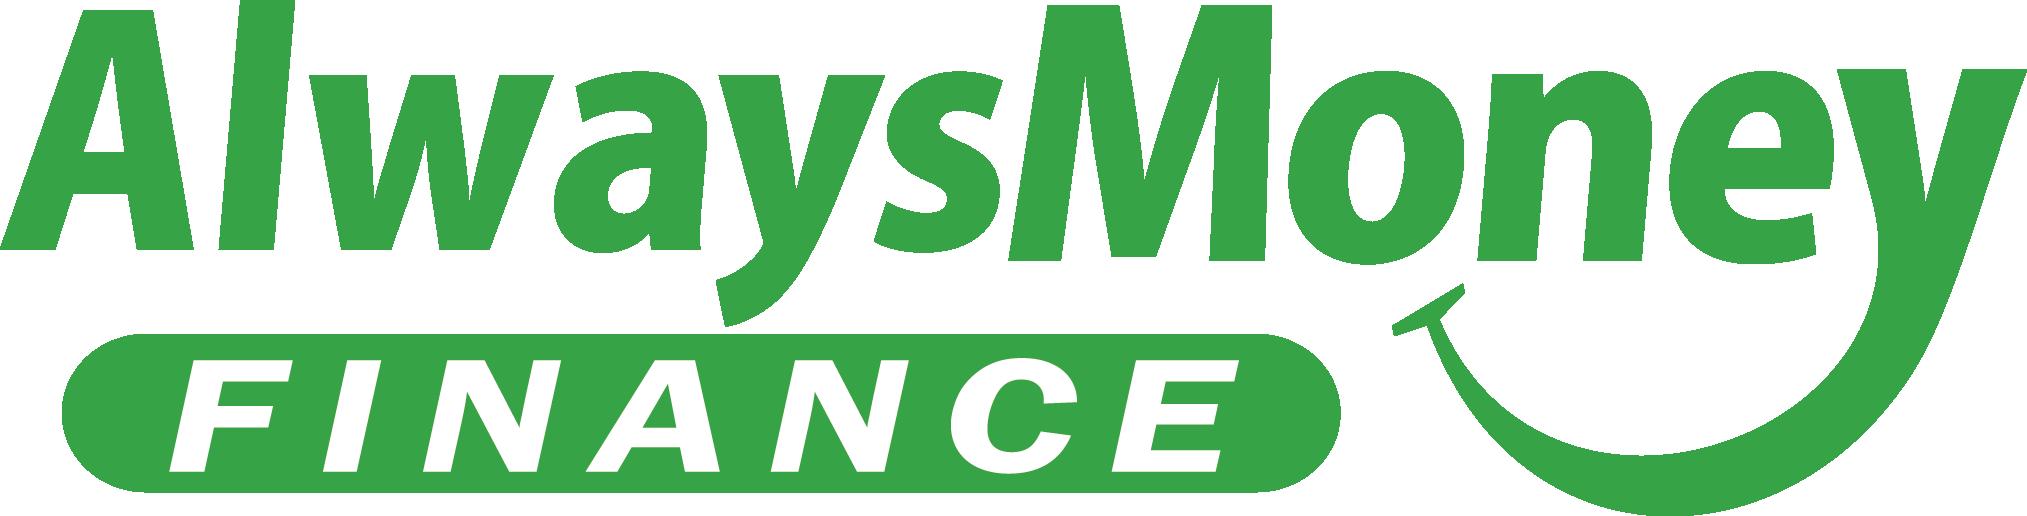 AlwaysMoneyFinance_Logo